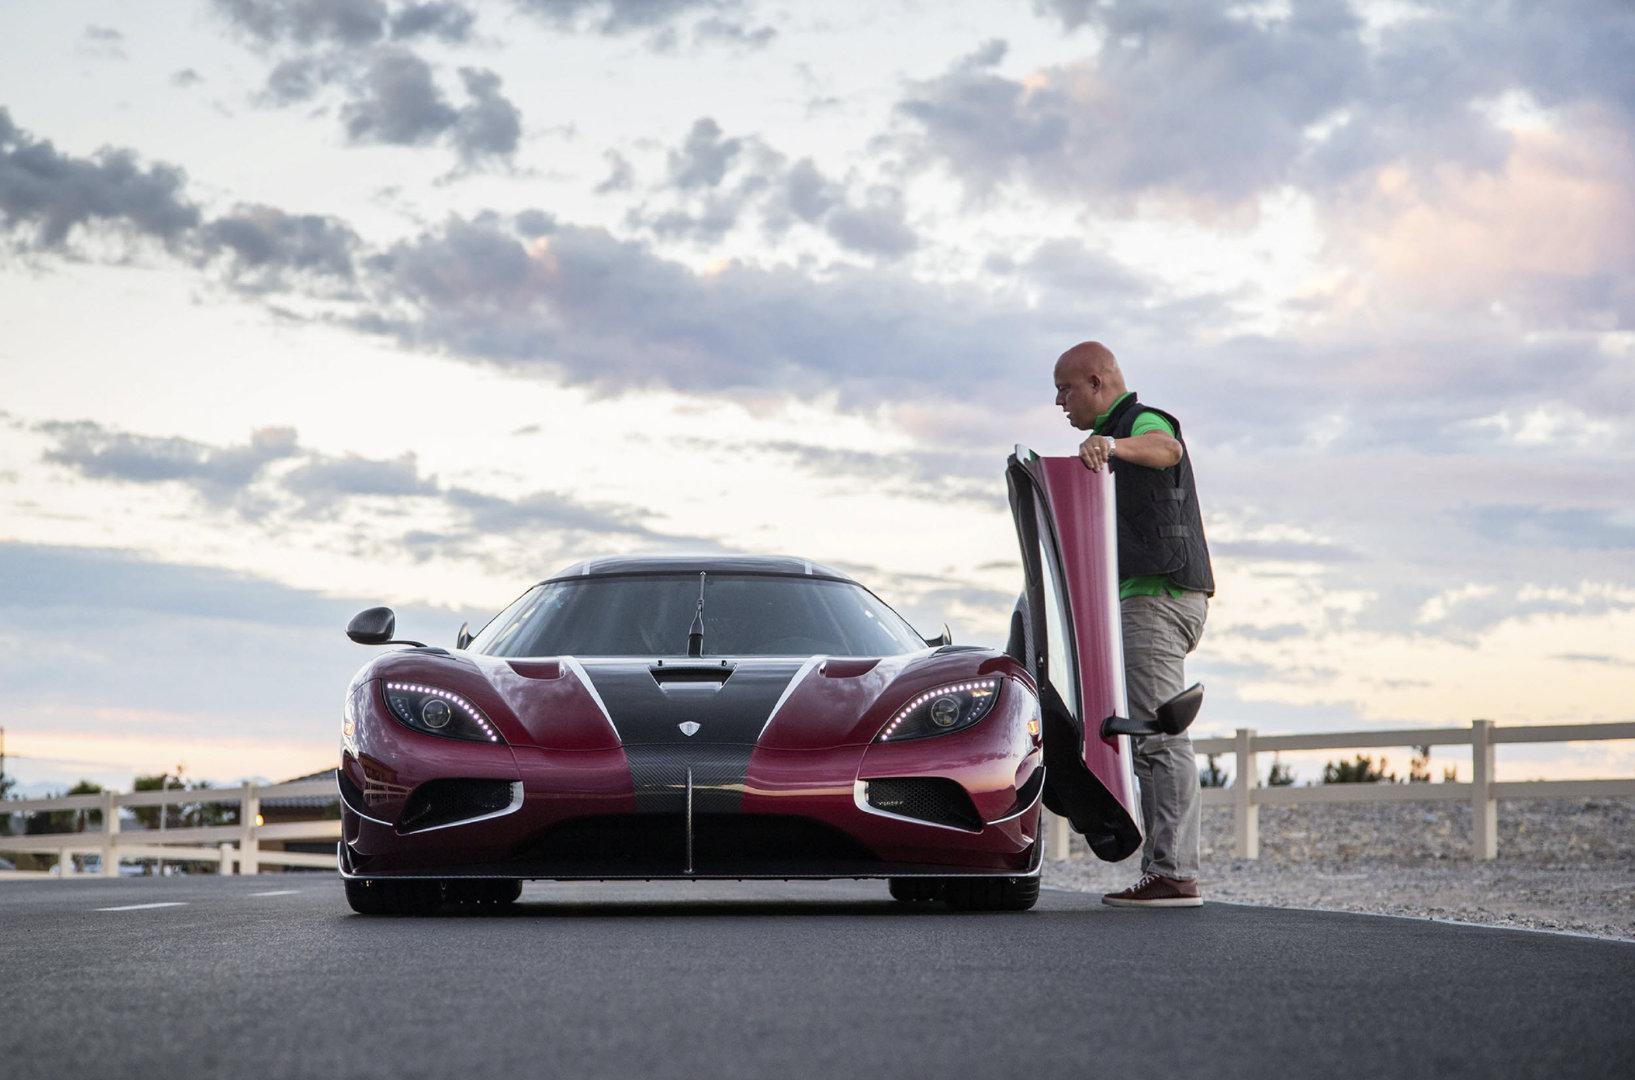 柯尼塞格 Agera RS